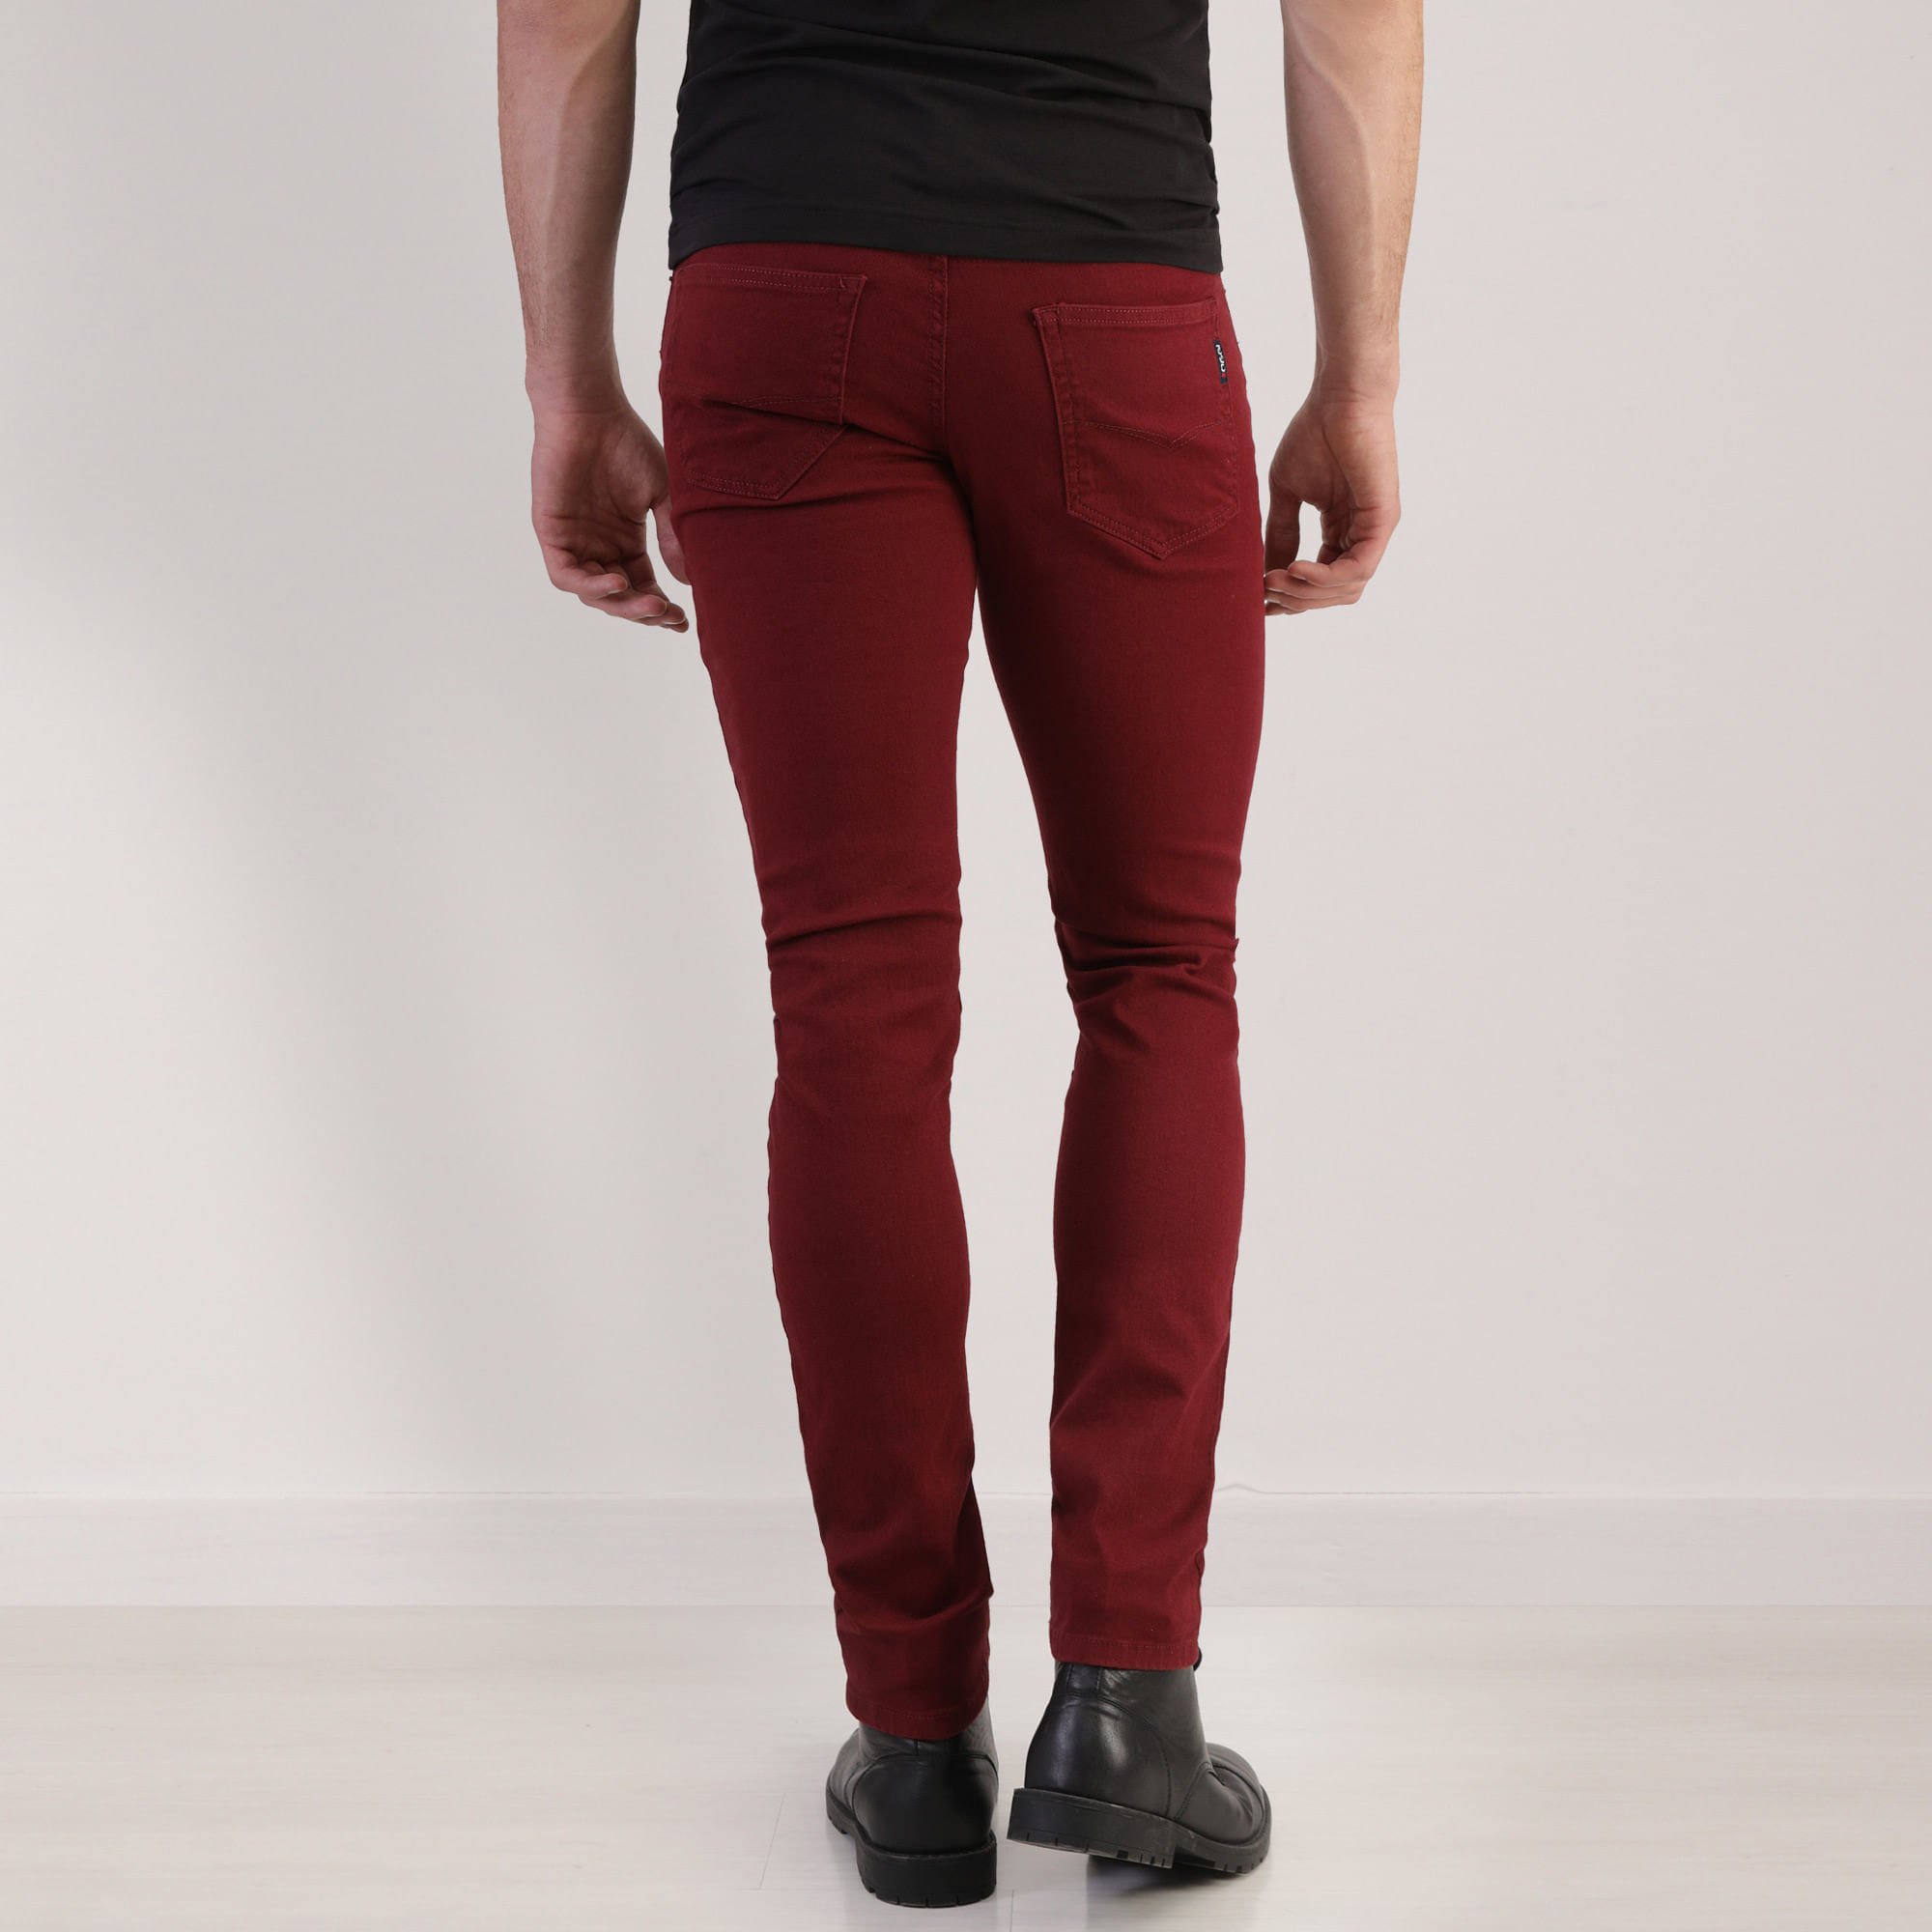 JEANS RISK GABARDINA VINO 7506442037060 - Oggi Jeans